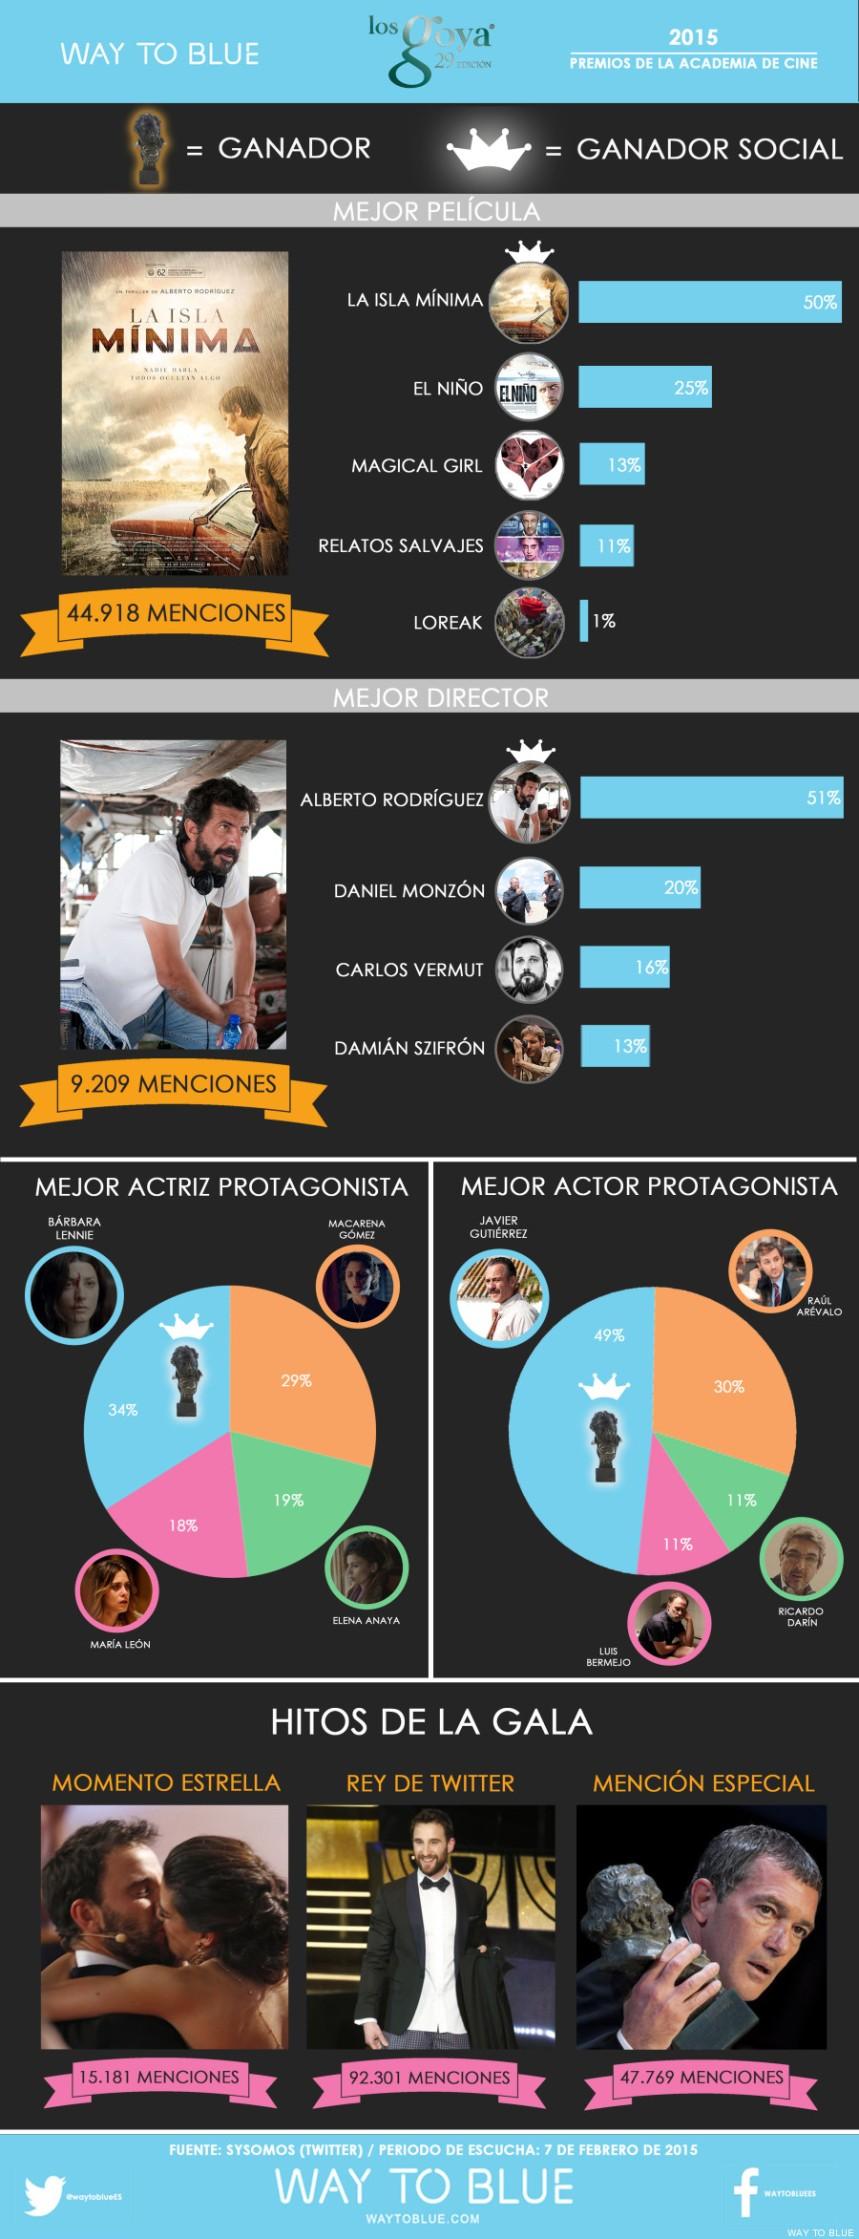 Twitter en los Goya 2015